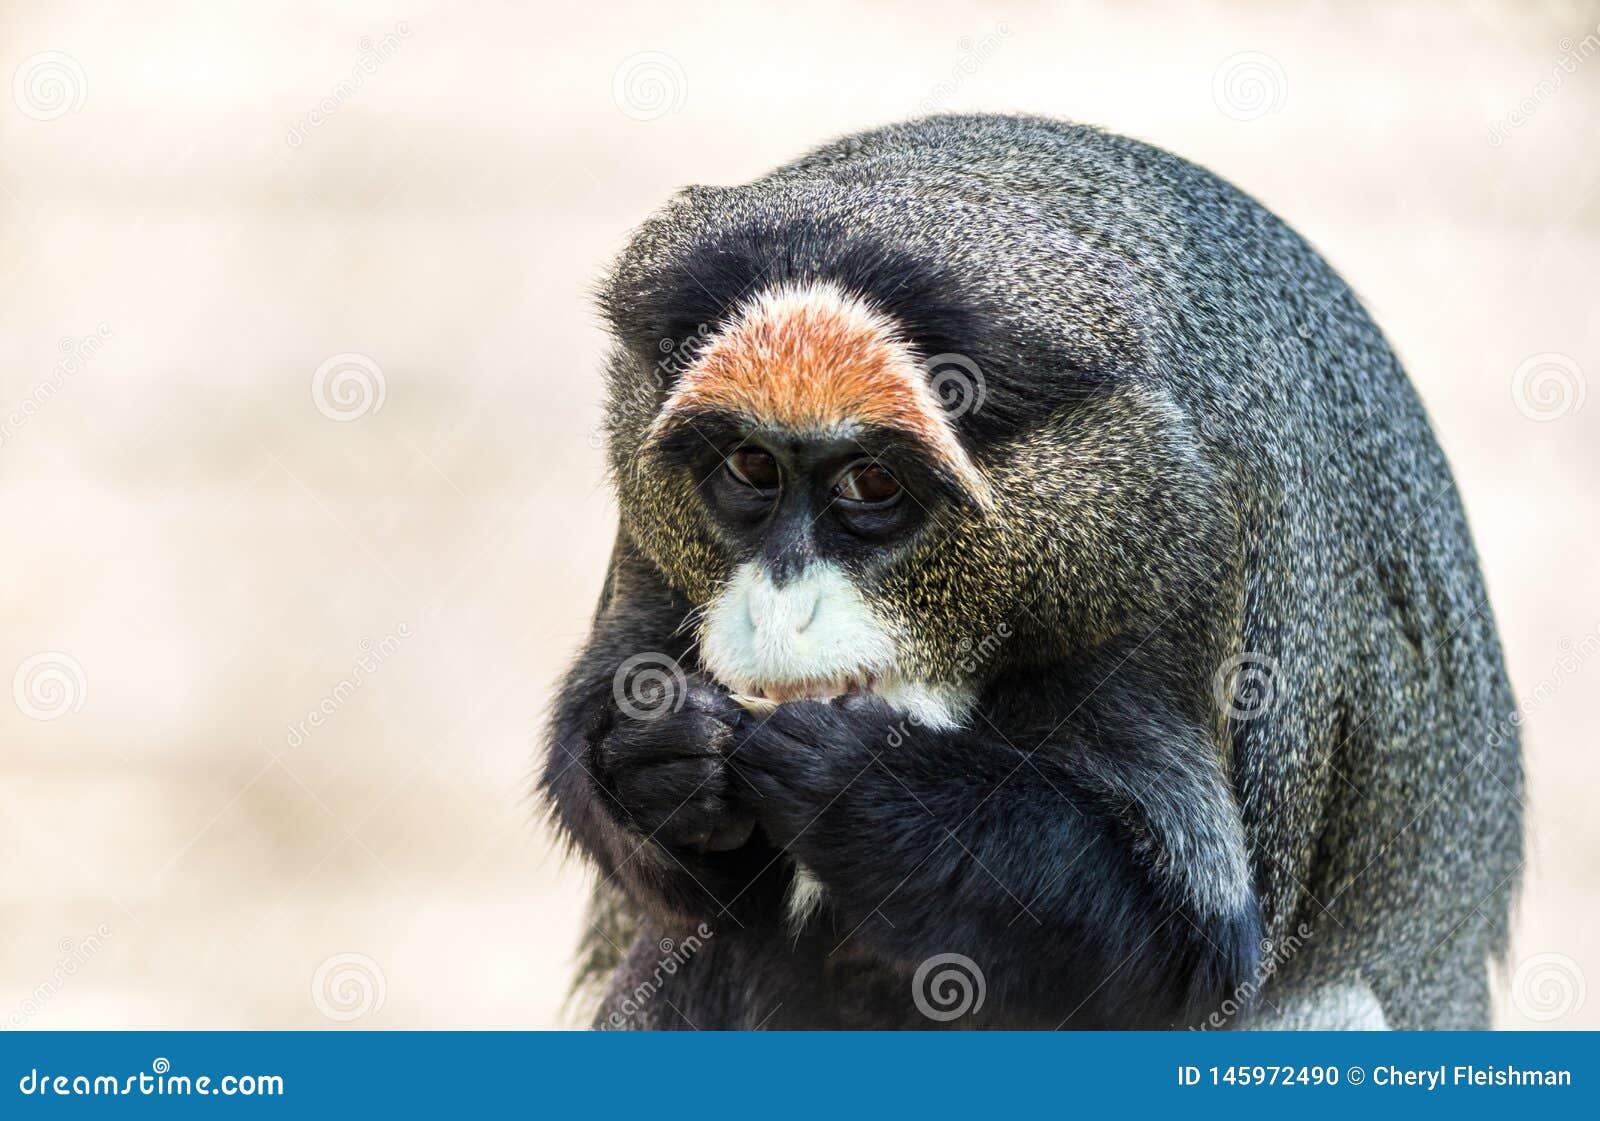 De Brazza`s Monkey, an attractive primate with distinctive fur